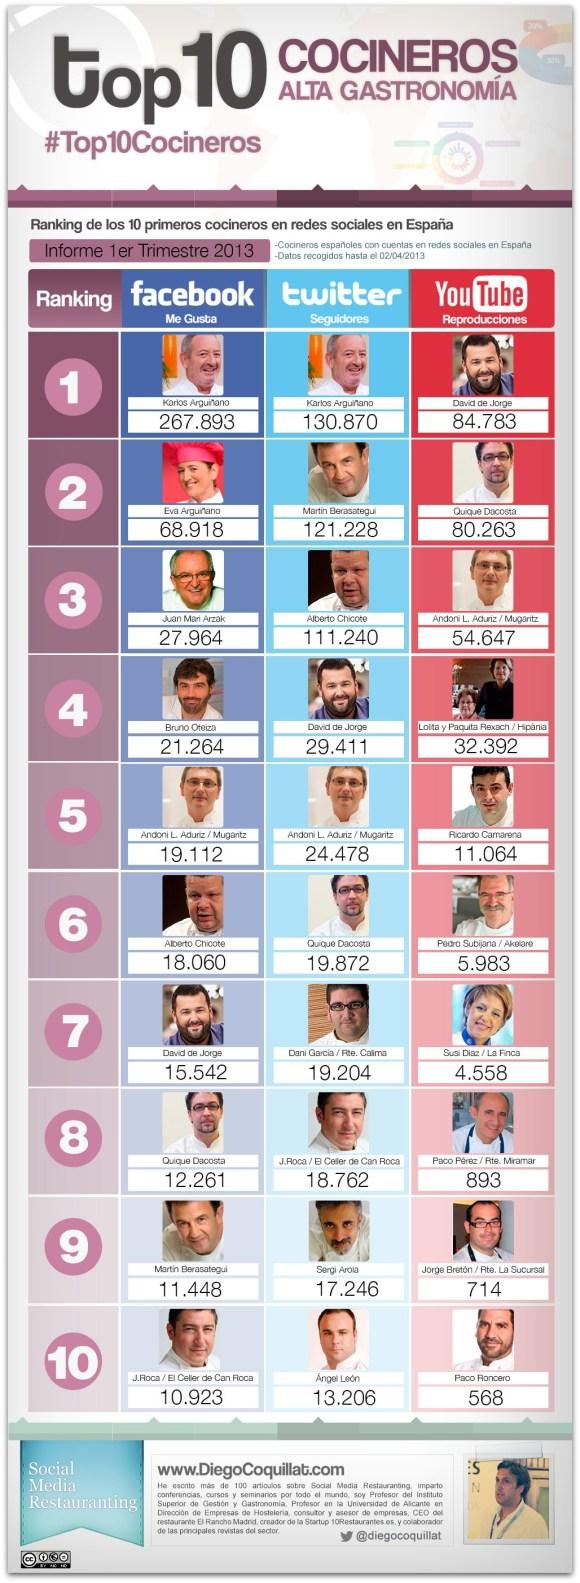 Classement des meilleurs chefs dans les réseaux sociaux en Espagne 2013